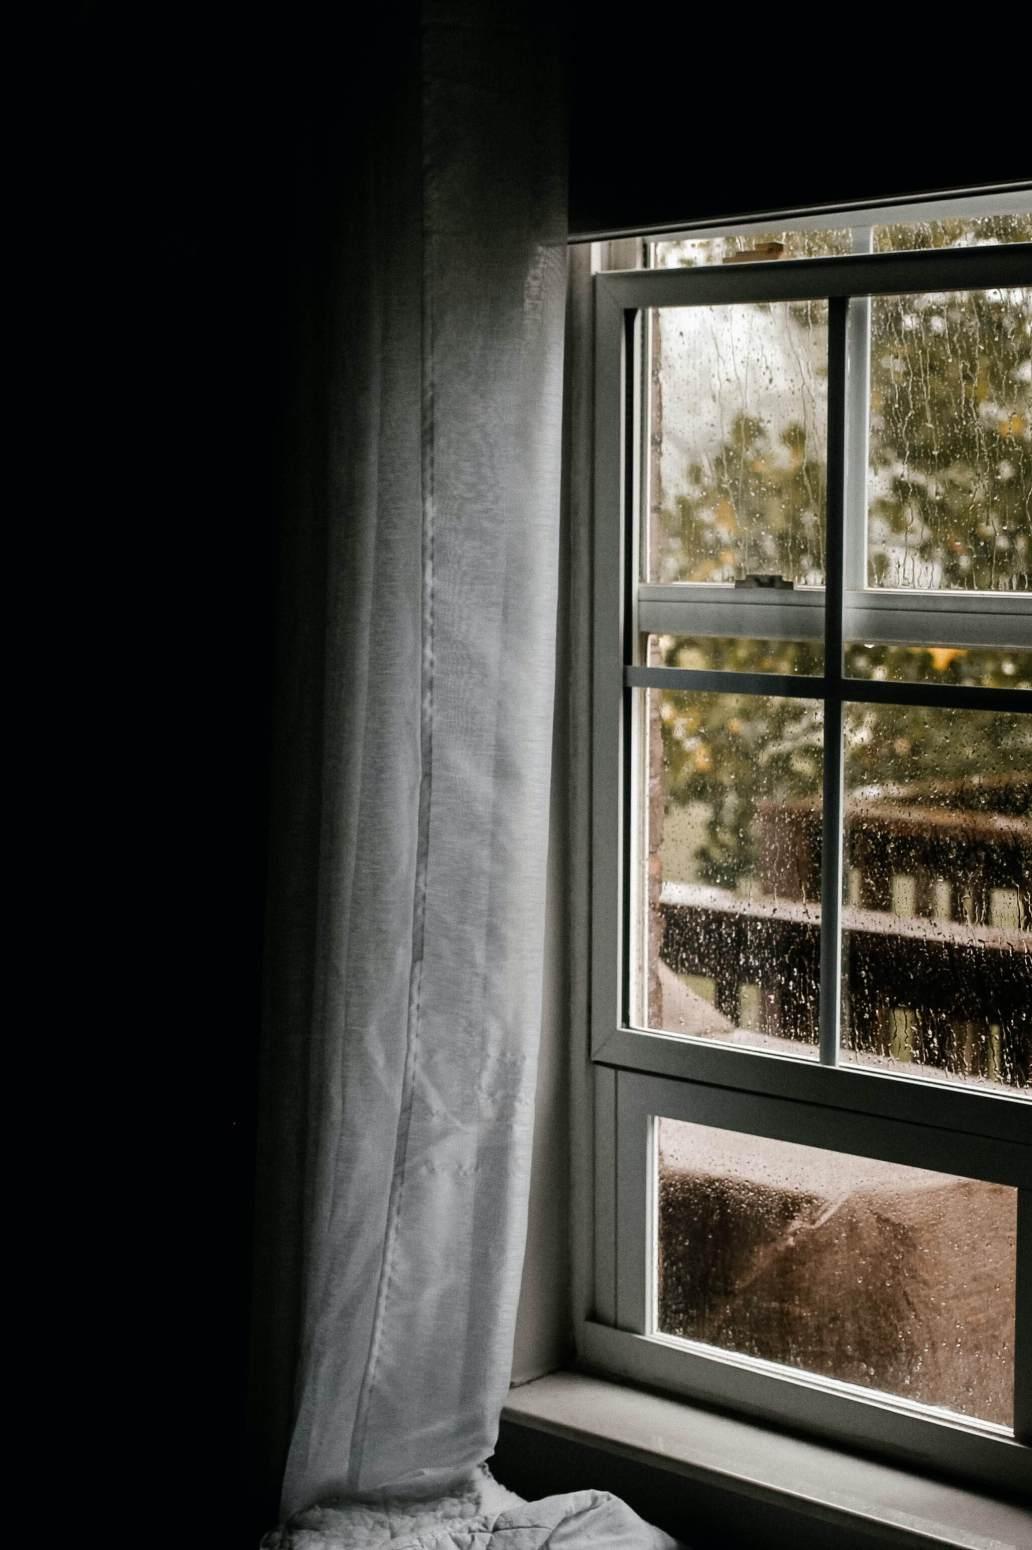 danielle dolson yeN9XfiUafY unsplash 2 1364x2048 - Comment appliquer un brise-vue pour fenêtre ?